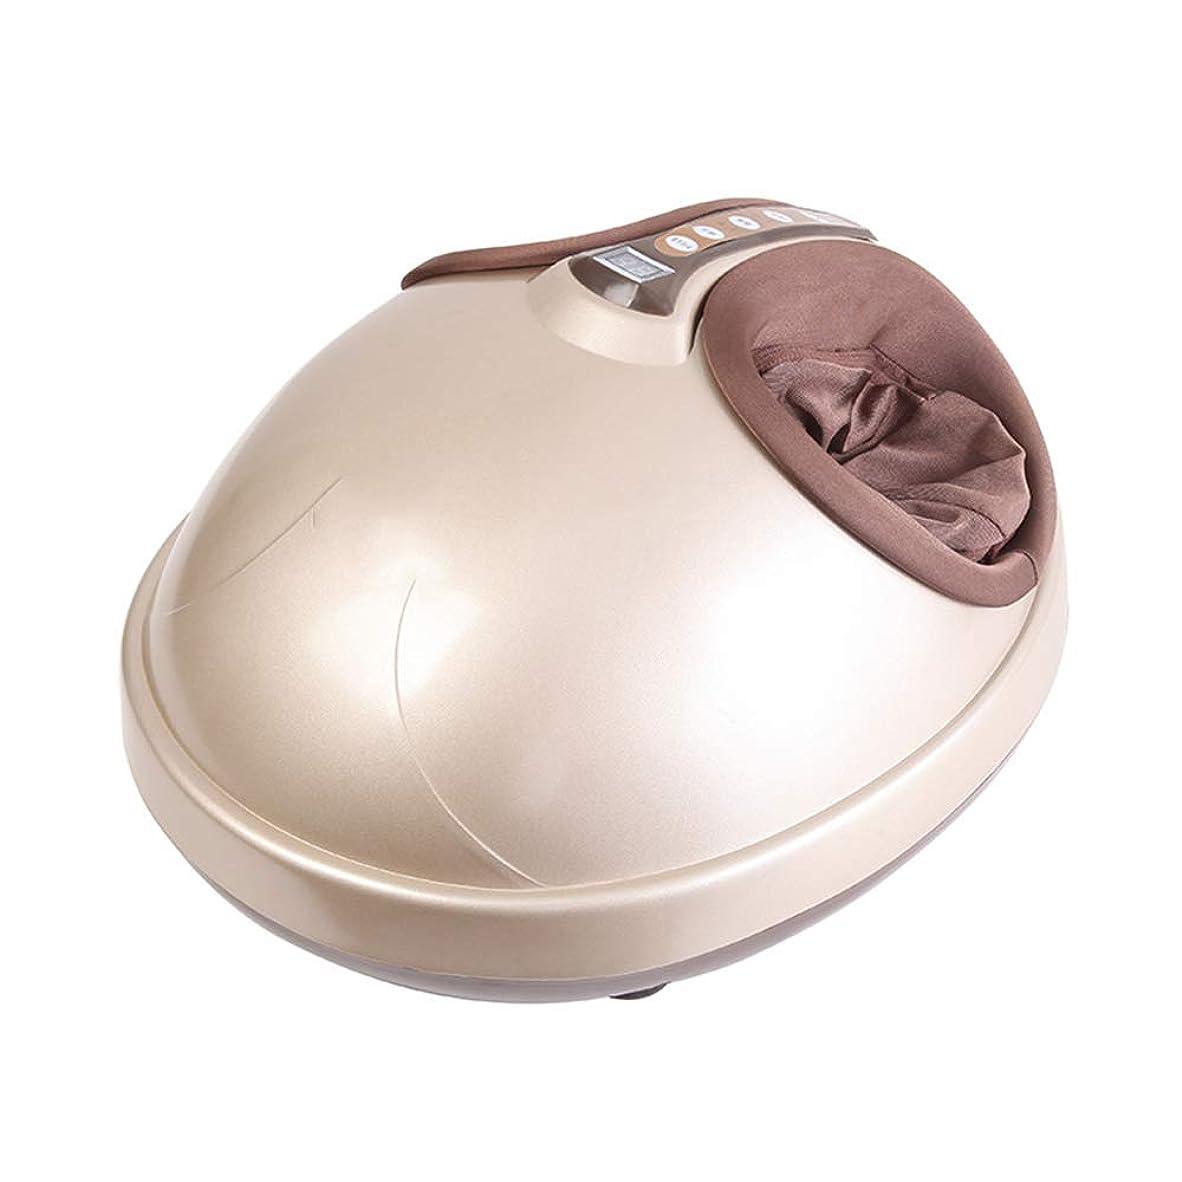 ホイットニー補体バッグ足のマッサージャー - 4D指圧練り足のマッサージャー、空気の振動と血液の循環を改善し、疲労を和らげるために熱い圧縮